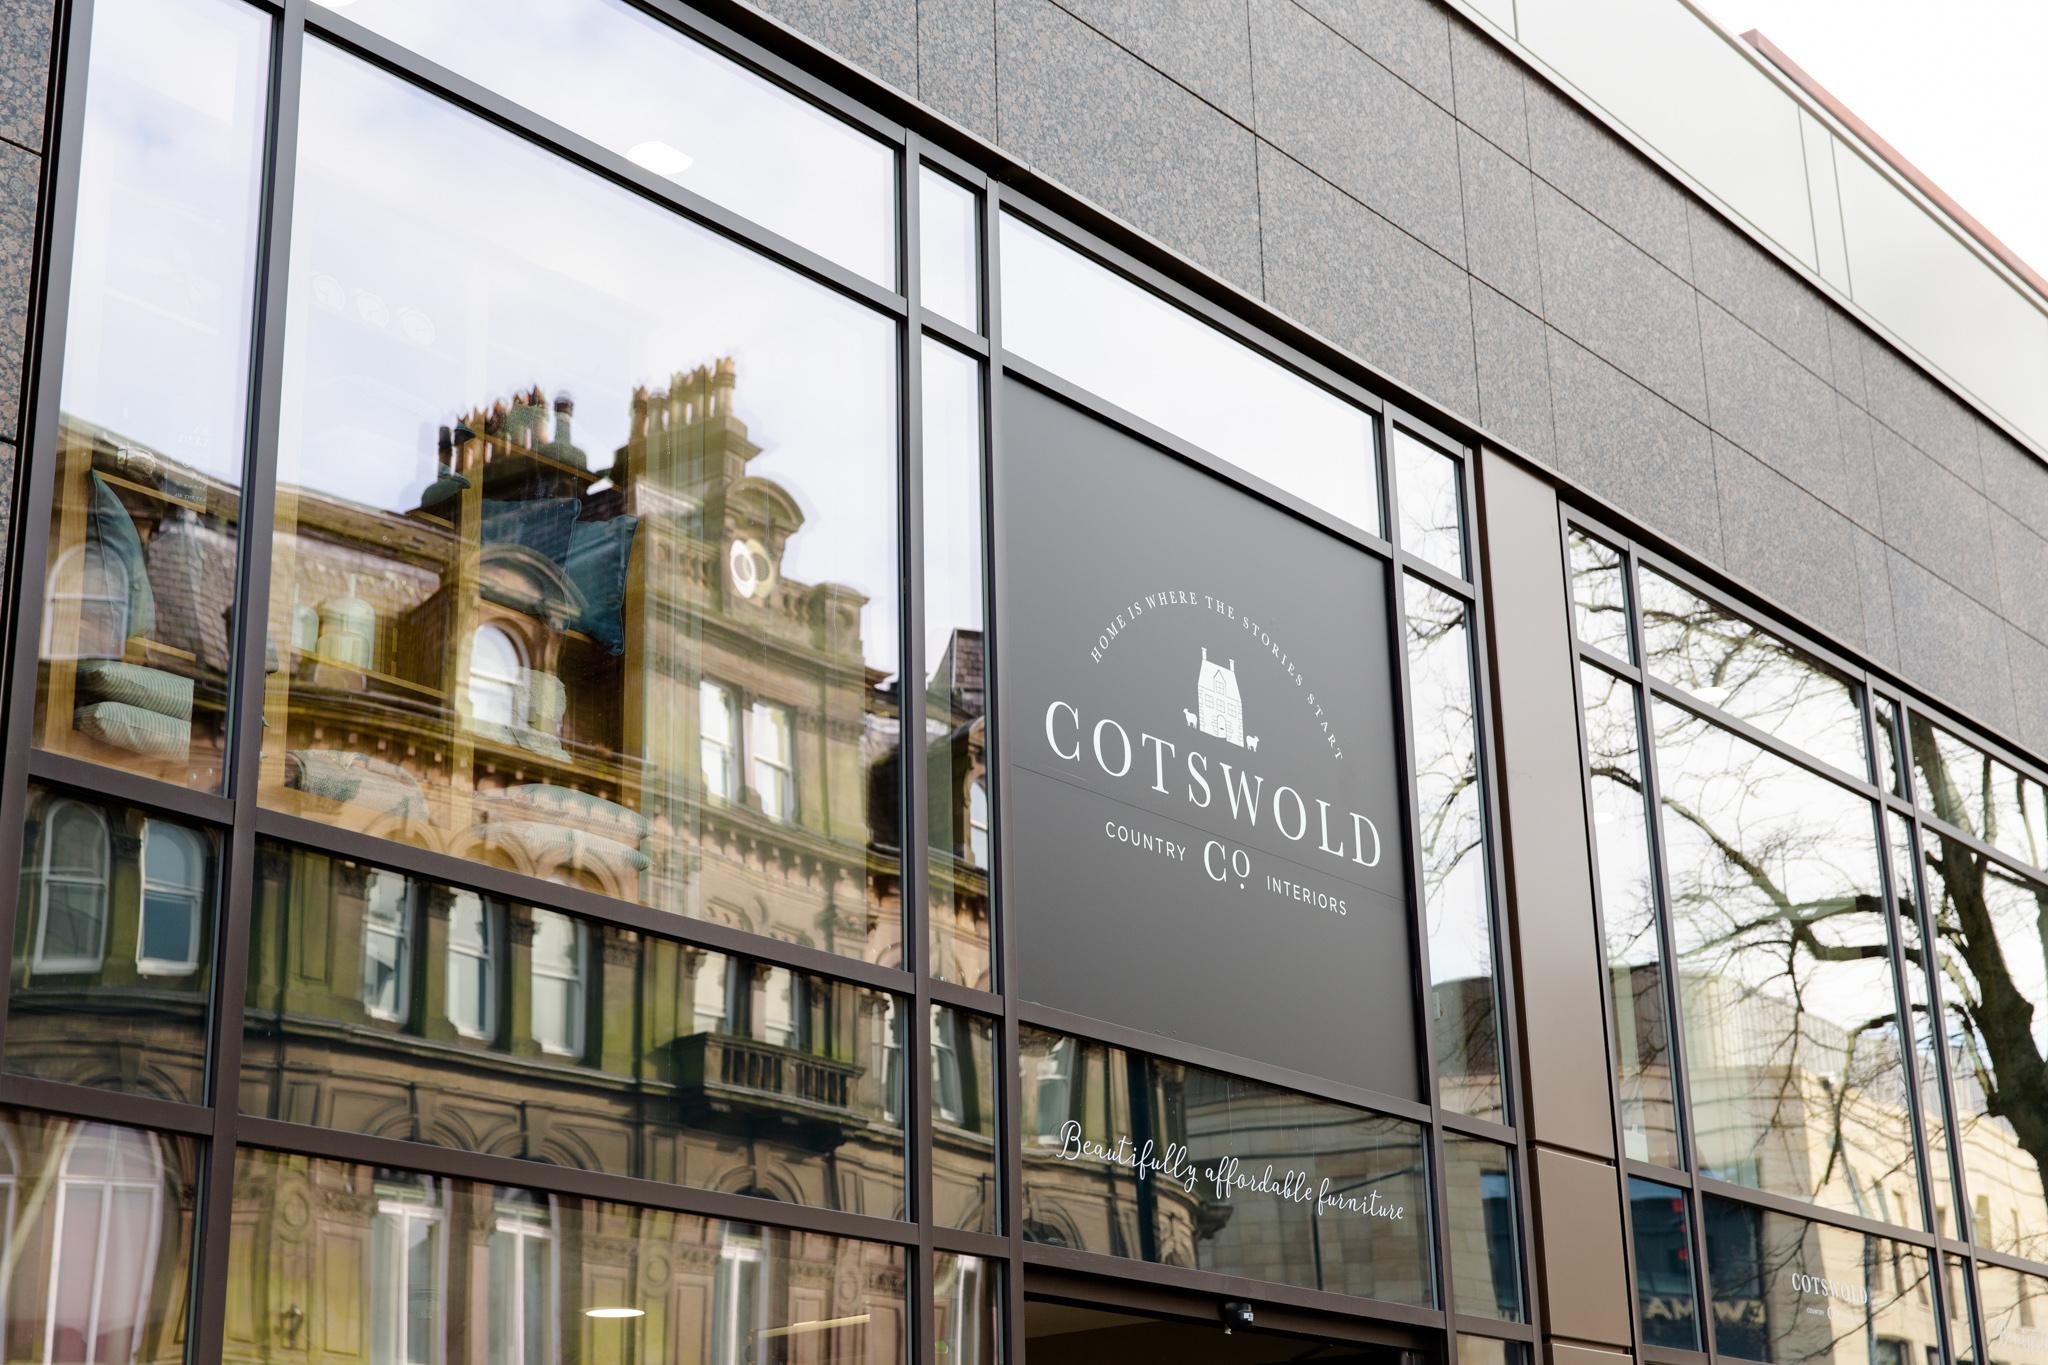 The-Cotswold-Company_Harrogate-3385.JPG